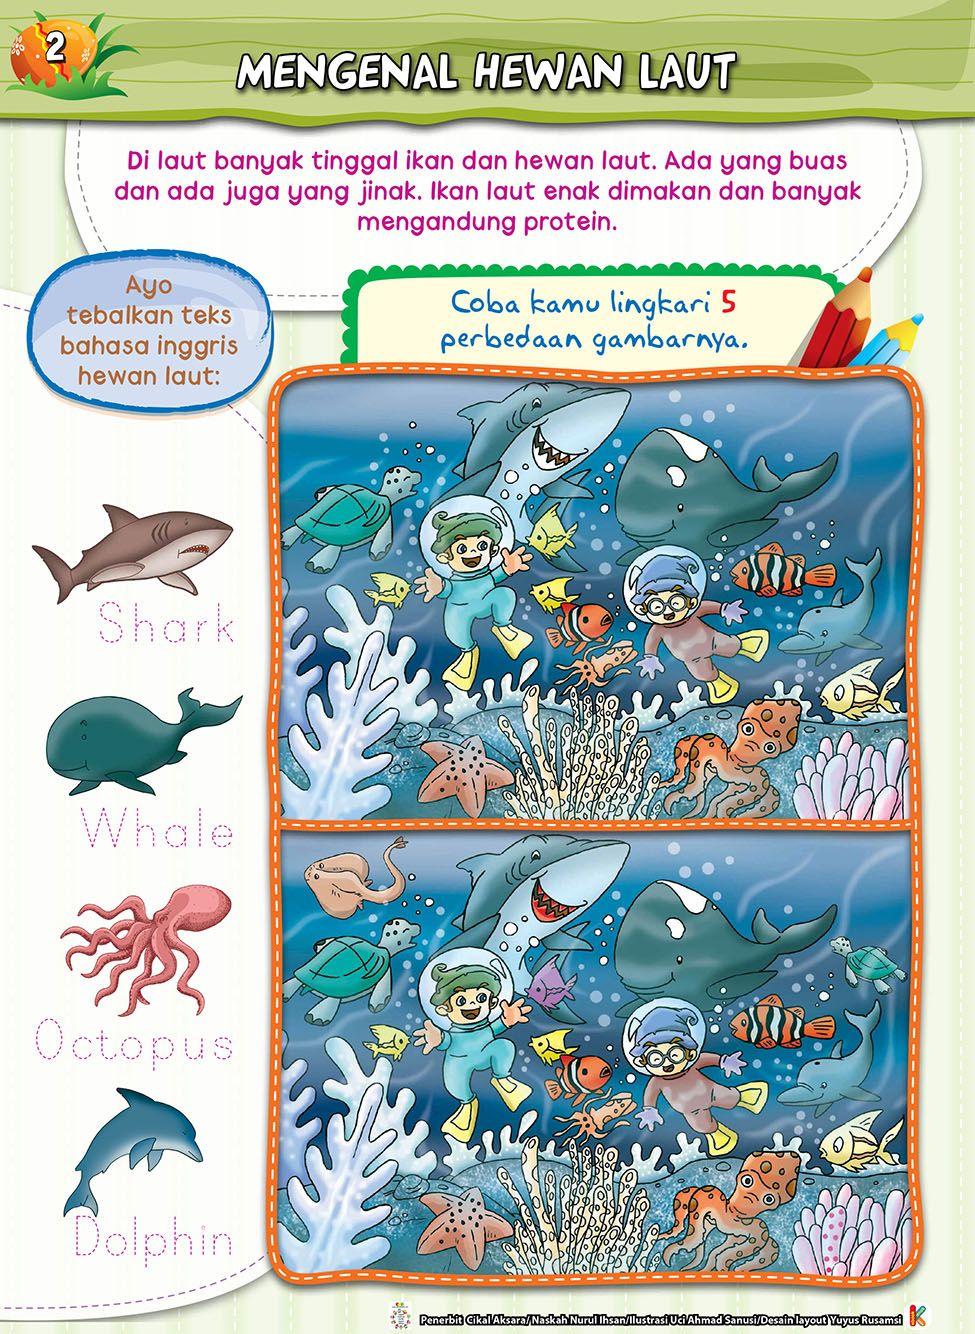 Buku Aktifitas Mencari Perbedaan Gambar Untuk Anak Tk Paud Bisa Meningkatkan Dan Merangsang Konsentrasi Anak Mengasah Daya Ingat Dan Ket Buku Buku Anak Hewan